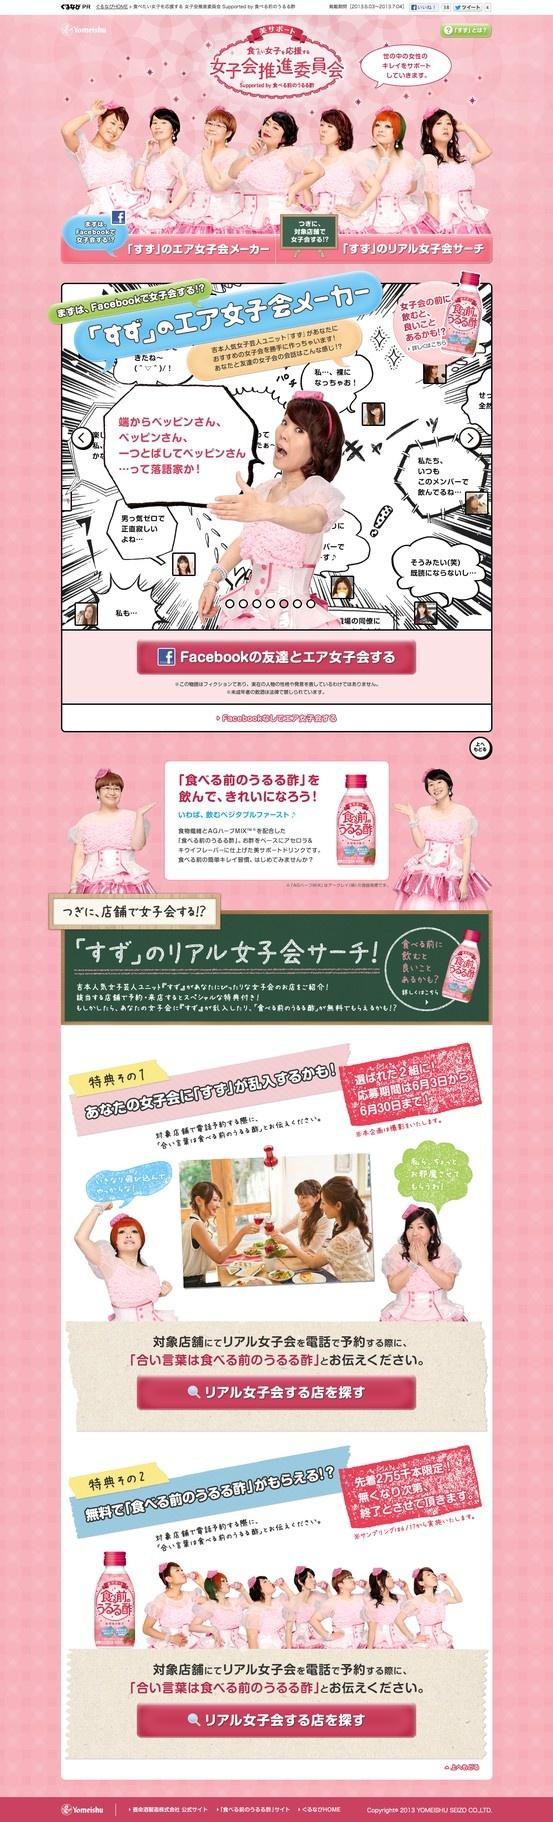 食べたい女子を応援する 女子会推進委員会 Supported by 食べる前のうるる酢 http://pr.gnavi.co.jp/promo/ururusu/ よくテレビに出てる女性芸人さんがたくさん!豪華なランディングページです。